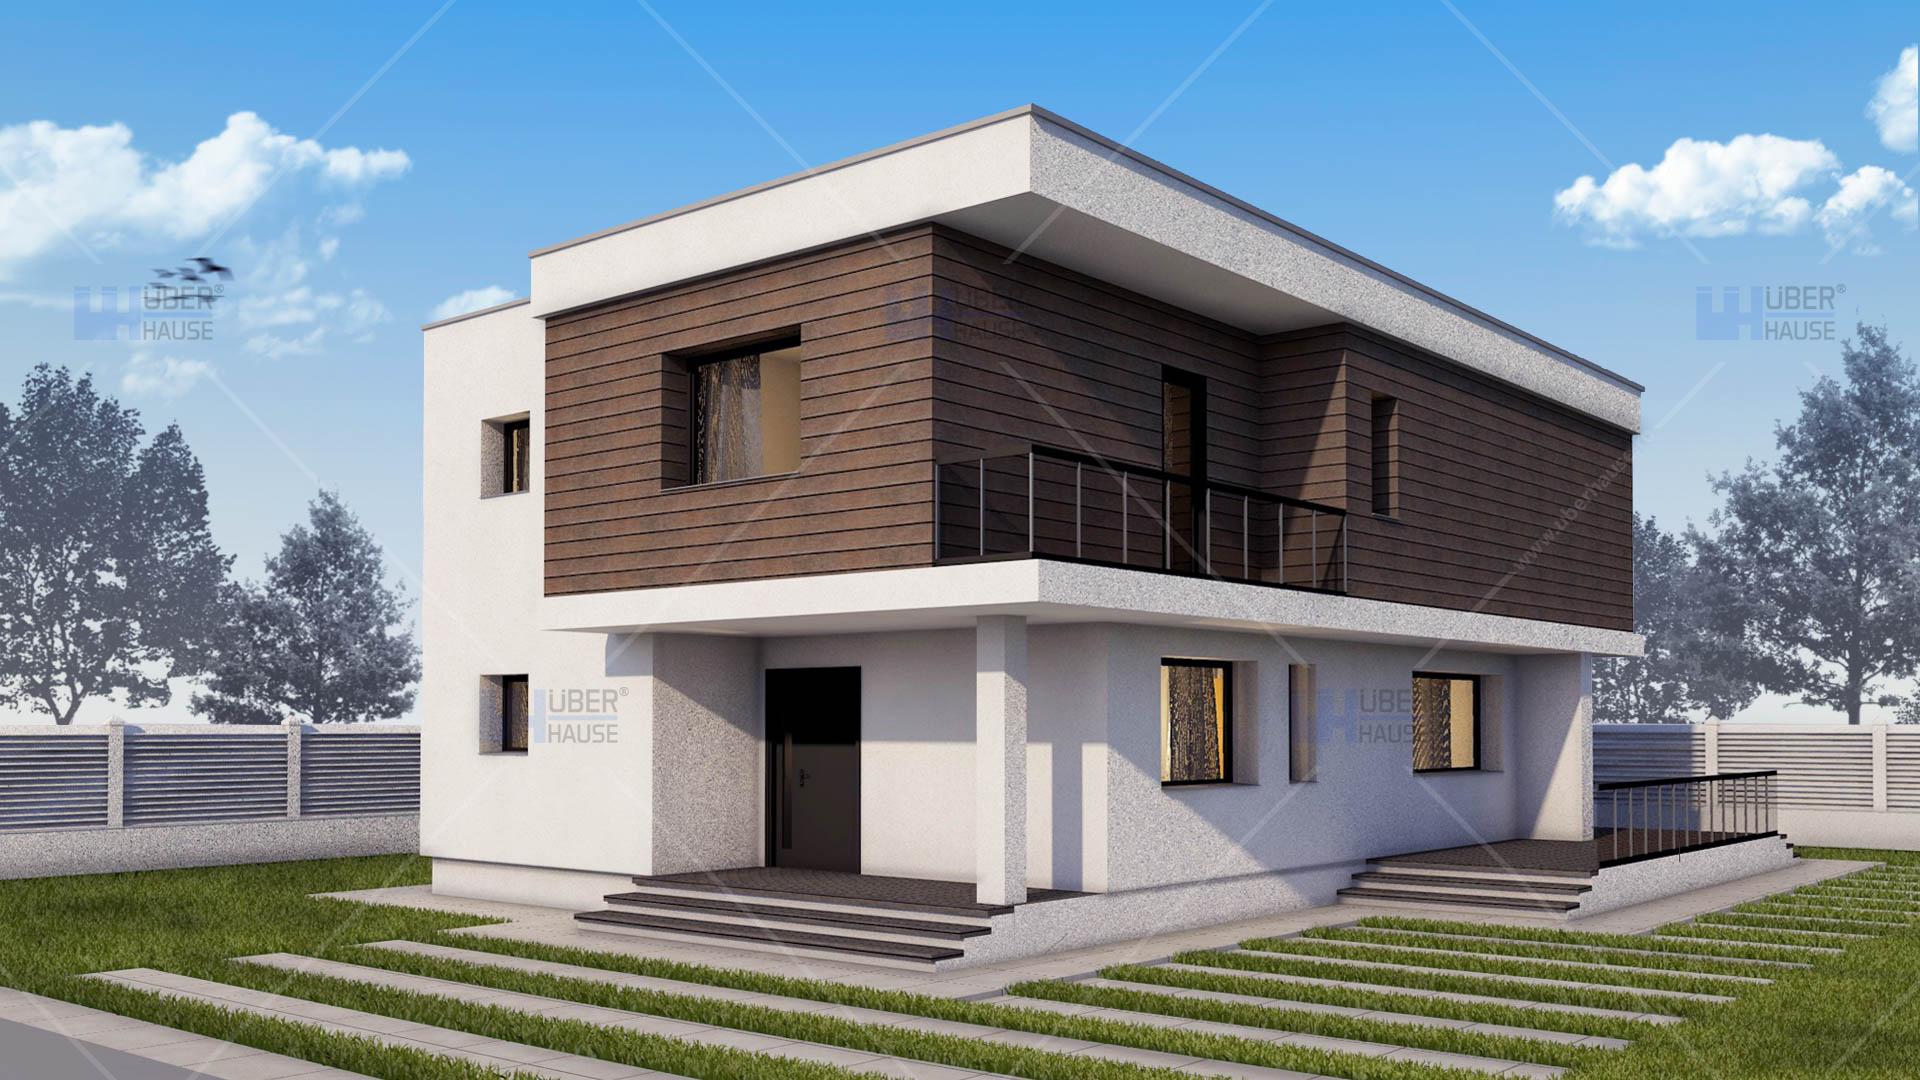 Proiecte case cu etaj uberhause for Arhitectura case cu mansarda